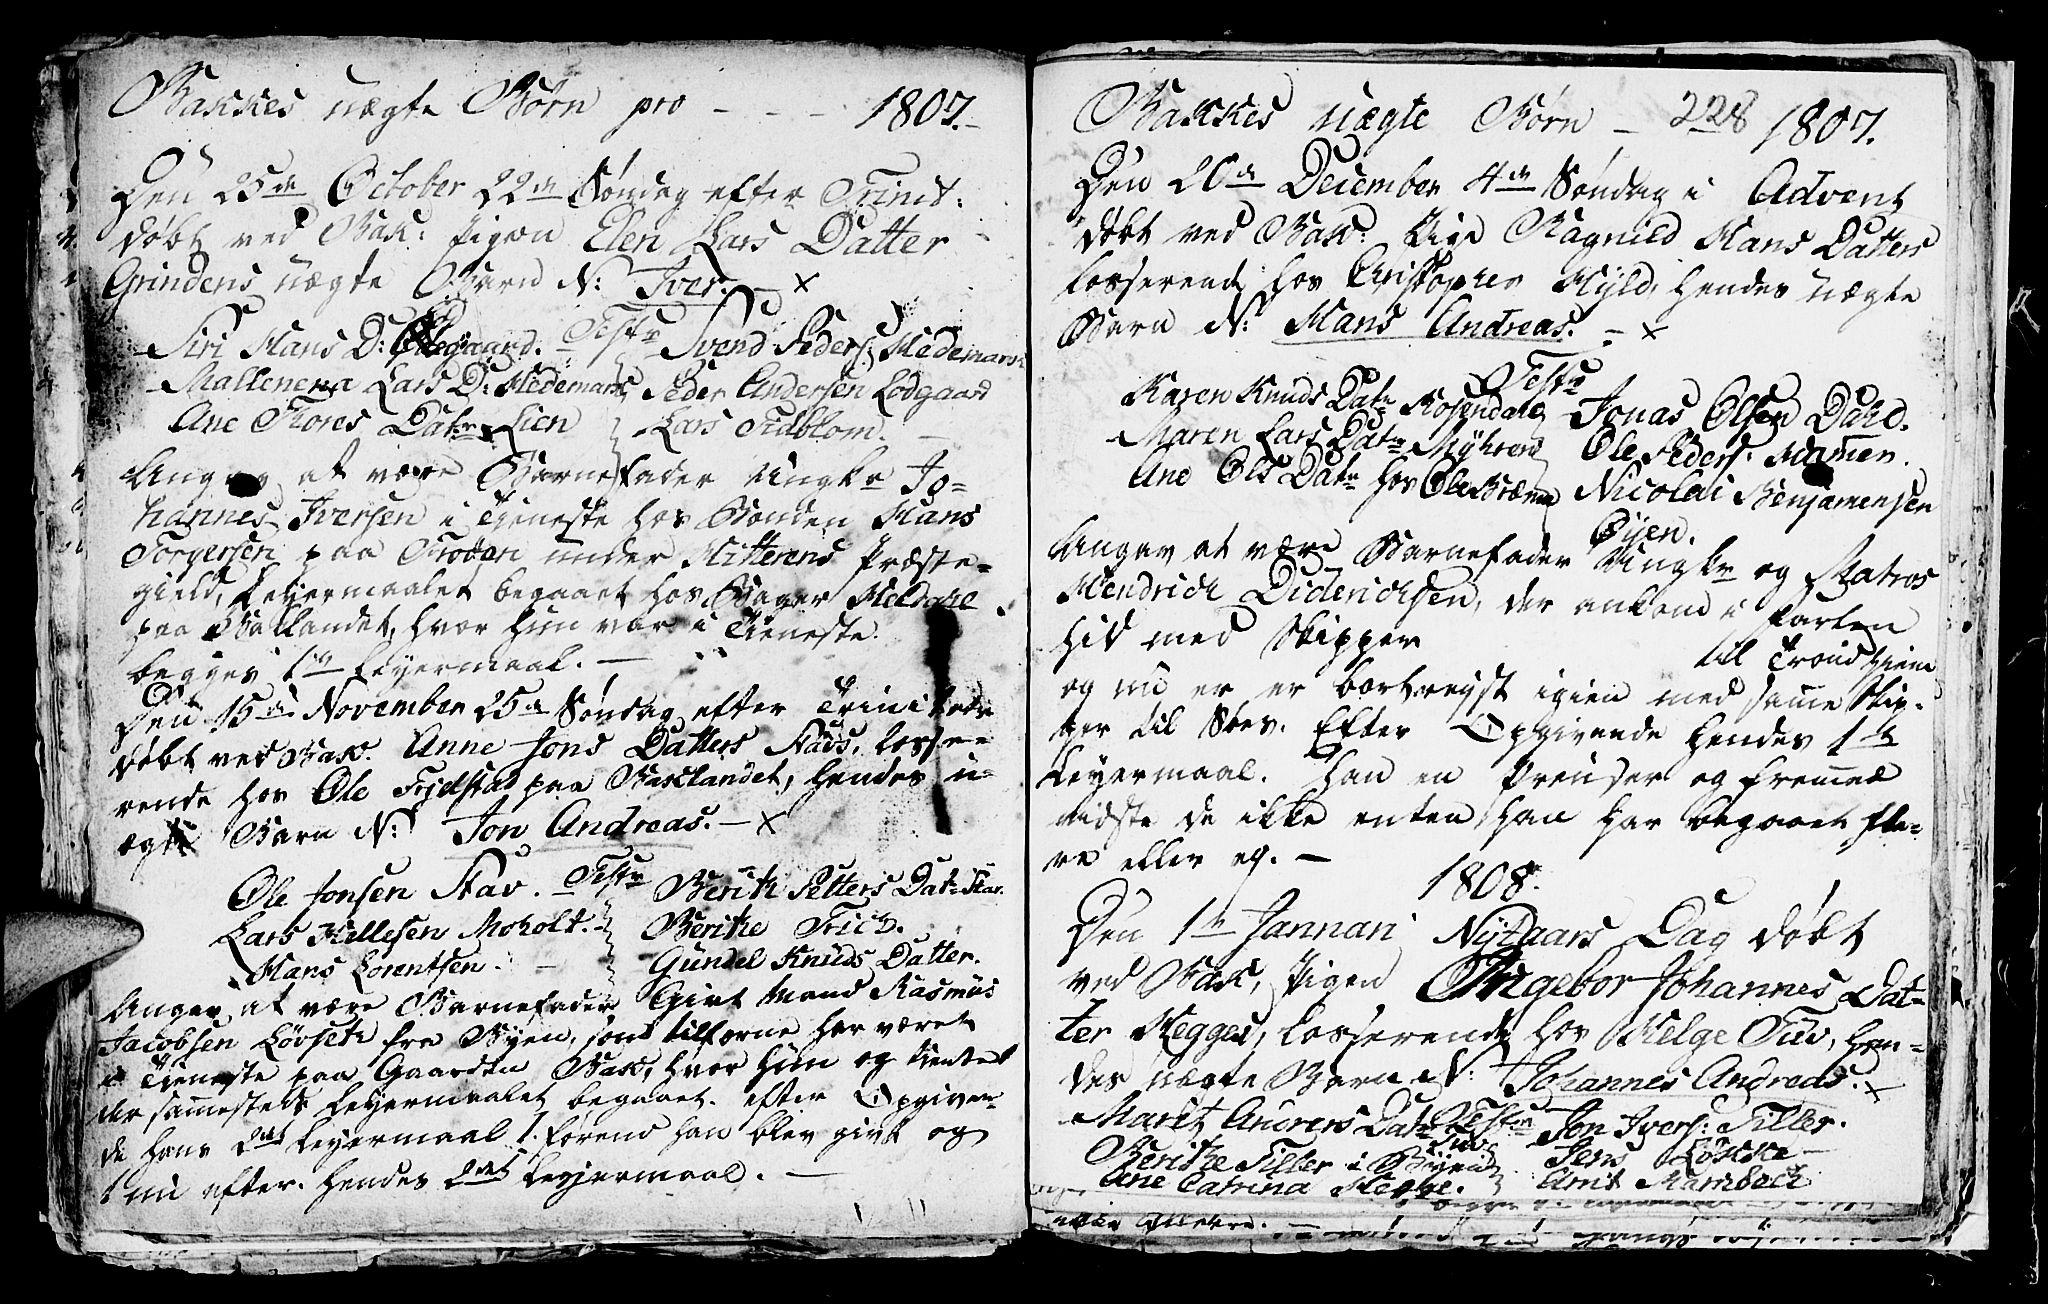 SAT, Ministerialprotokoller, klokkerbøker og fødselsregistre - Sør-Trøndelag, 604/L0218: Klokkerbok nr. 604C01, 1754-1819, s. 228